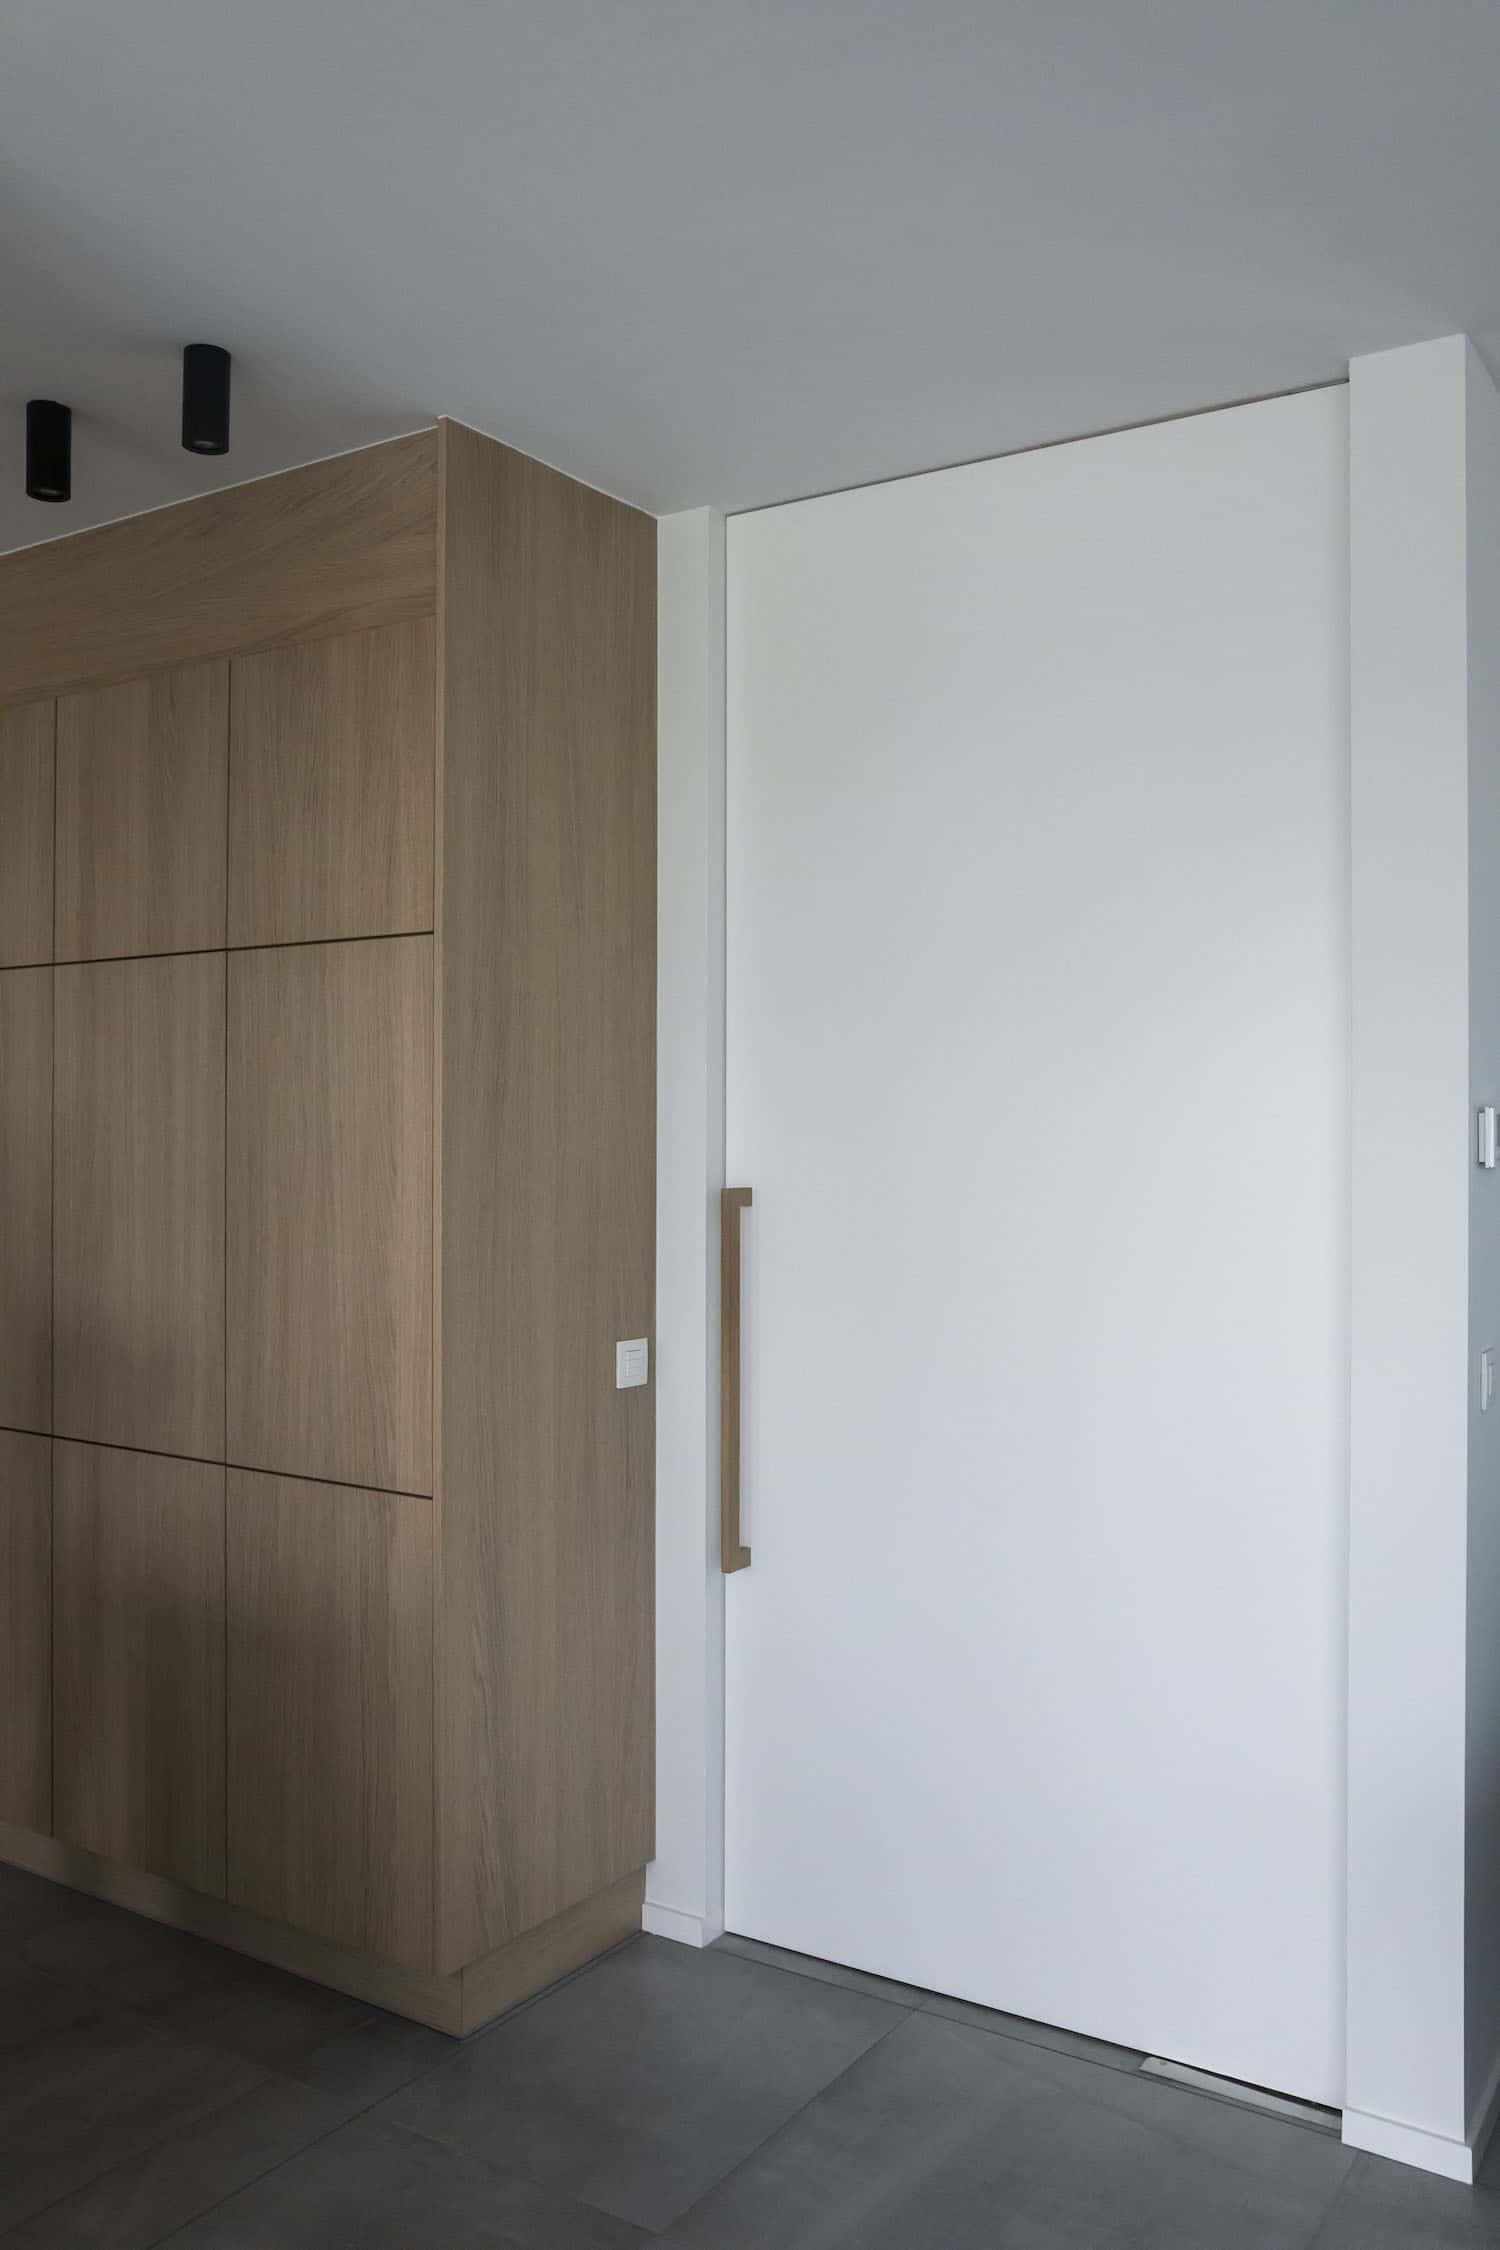 Pivoterende vlakke schilderdeur met vloersysteem type Dorma